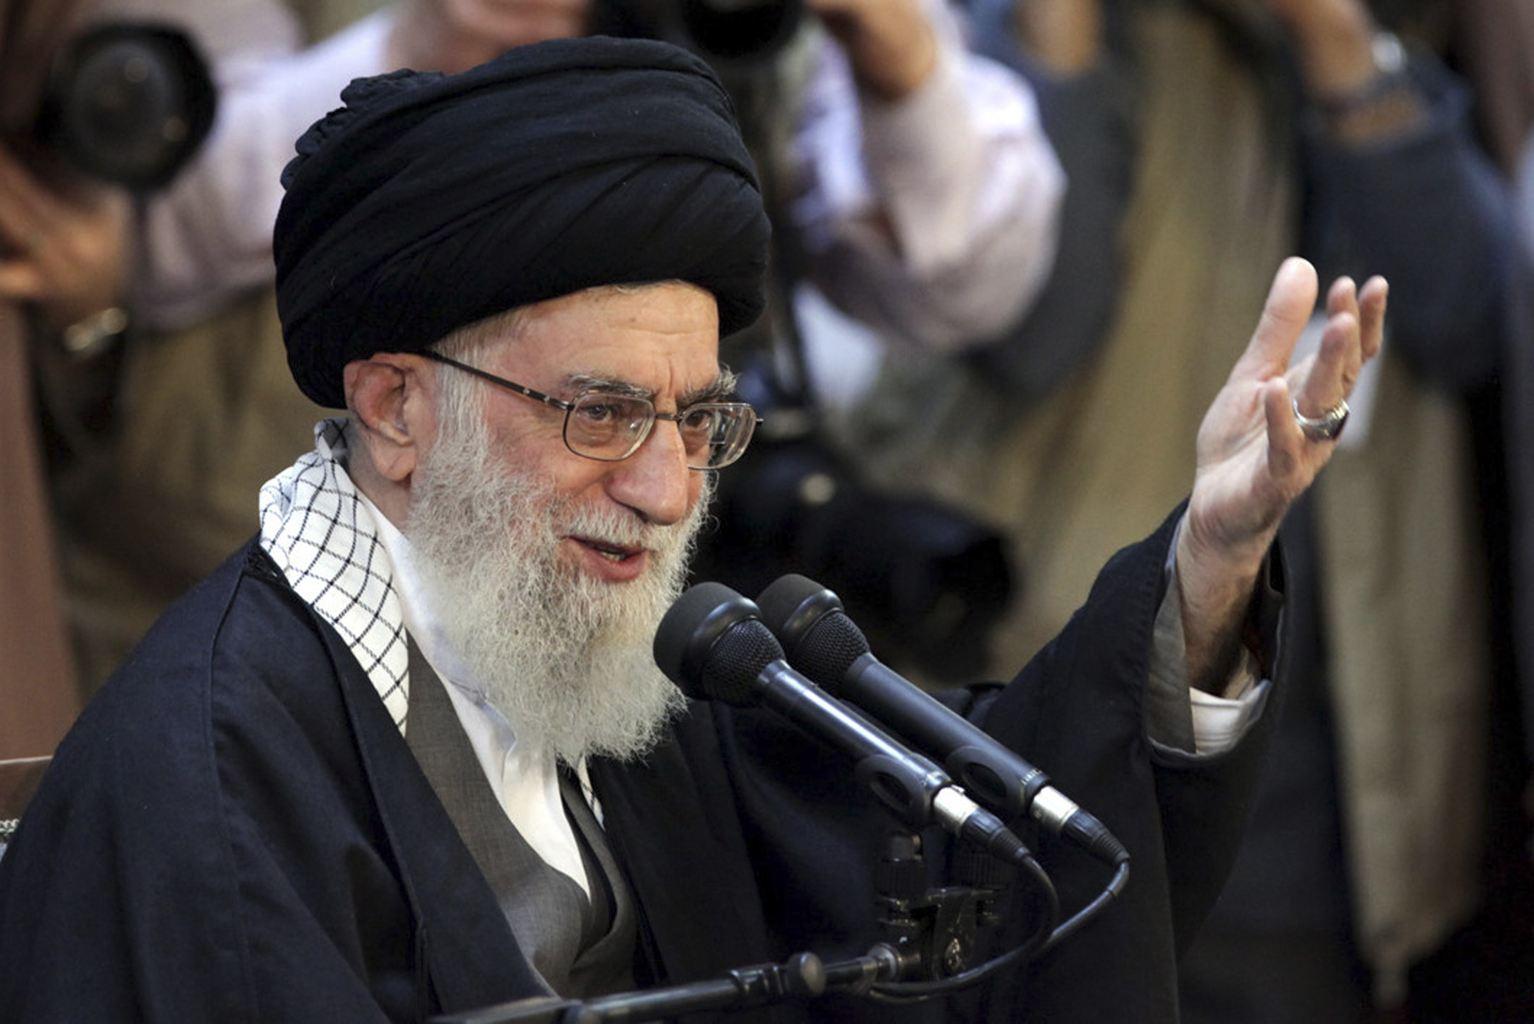 اية الله خامنئي : اميركا فشلت في تحقيق اهدافها في ايران والمنطقة واوروبا